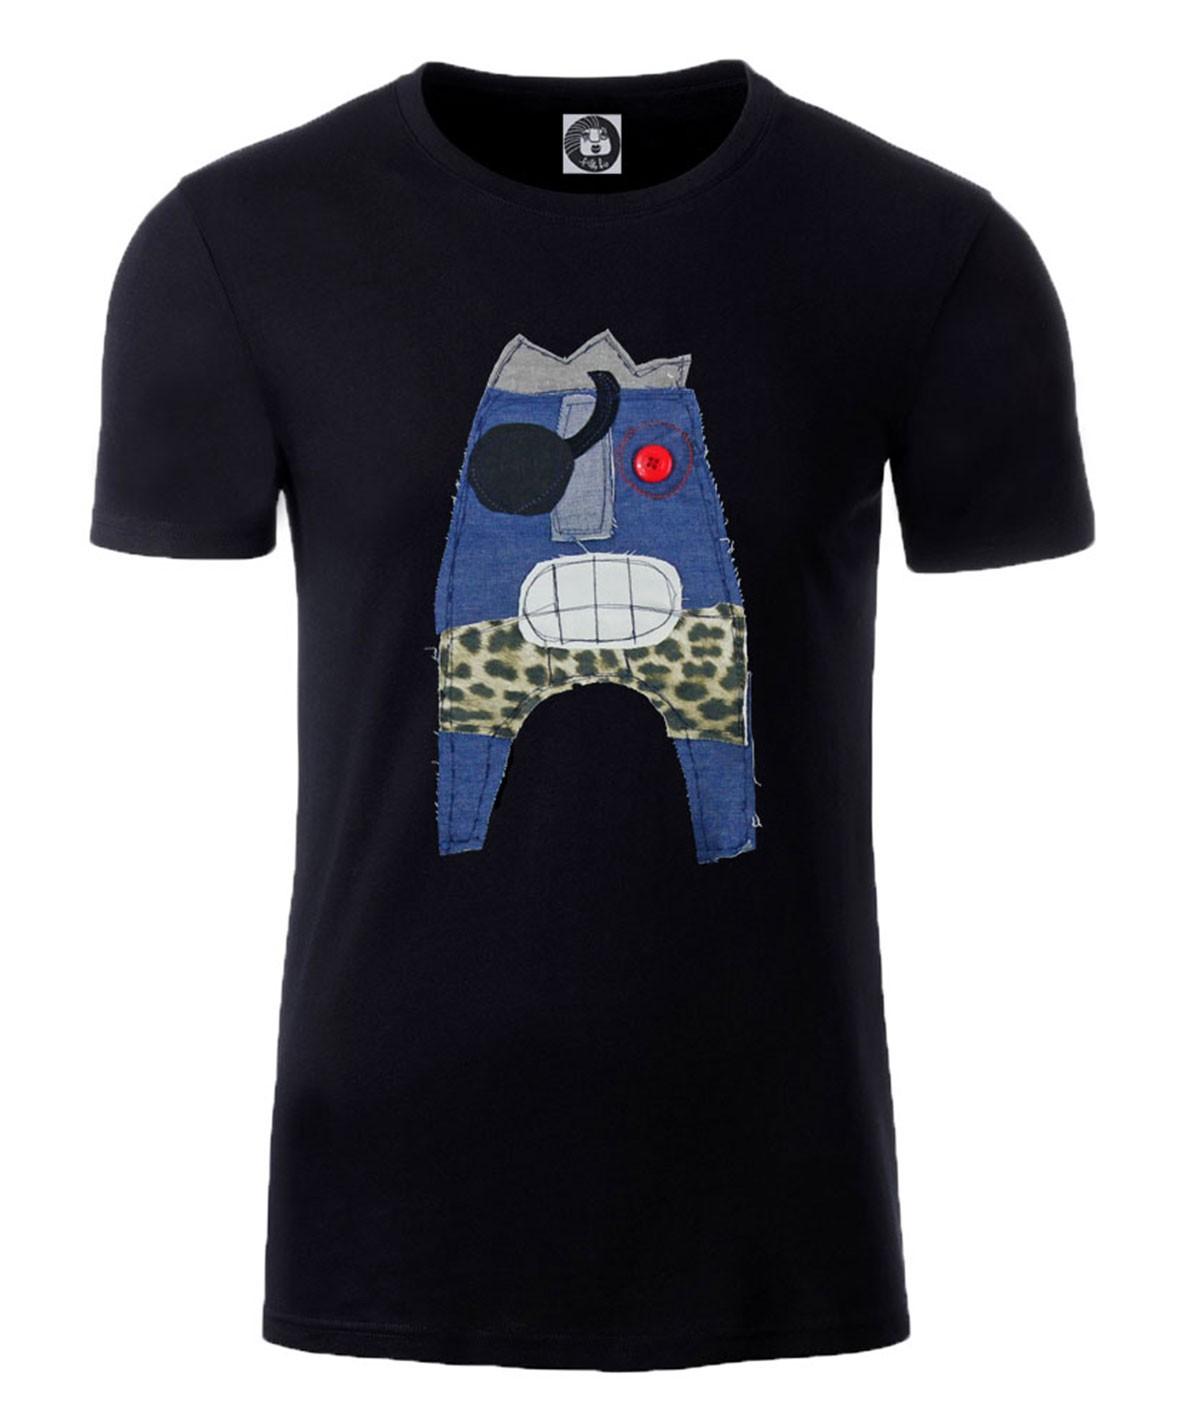 T-shirt con mostro